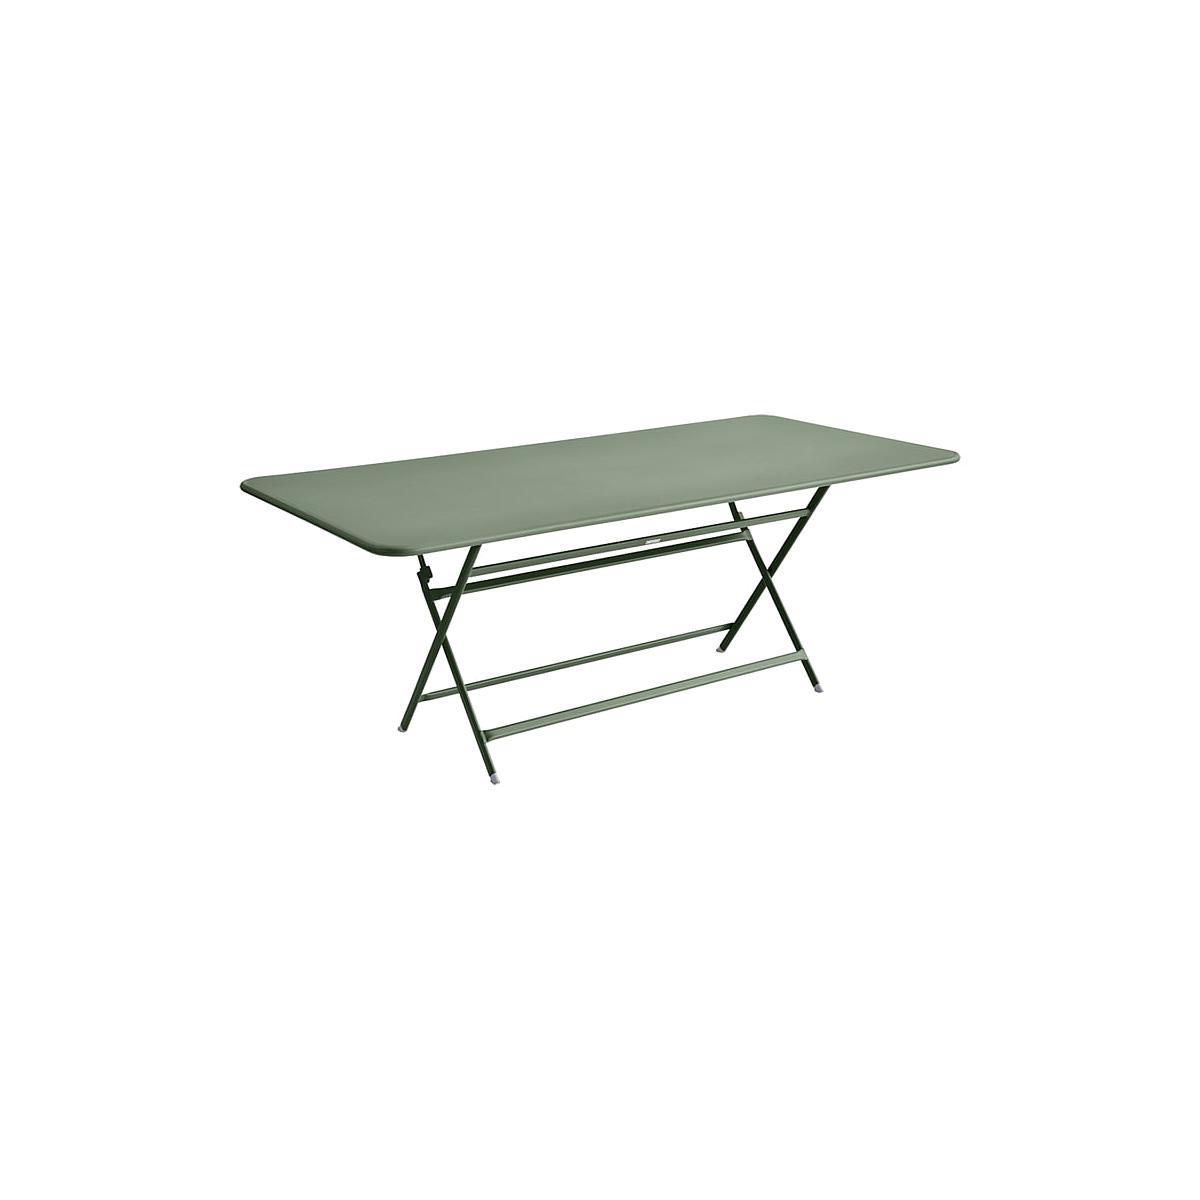 Table 90x190cm pliante CARACTERE Fermob Cactus